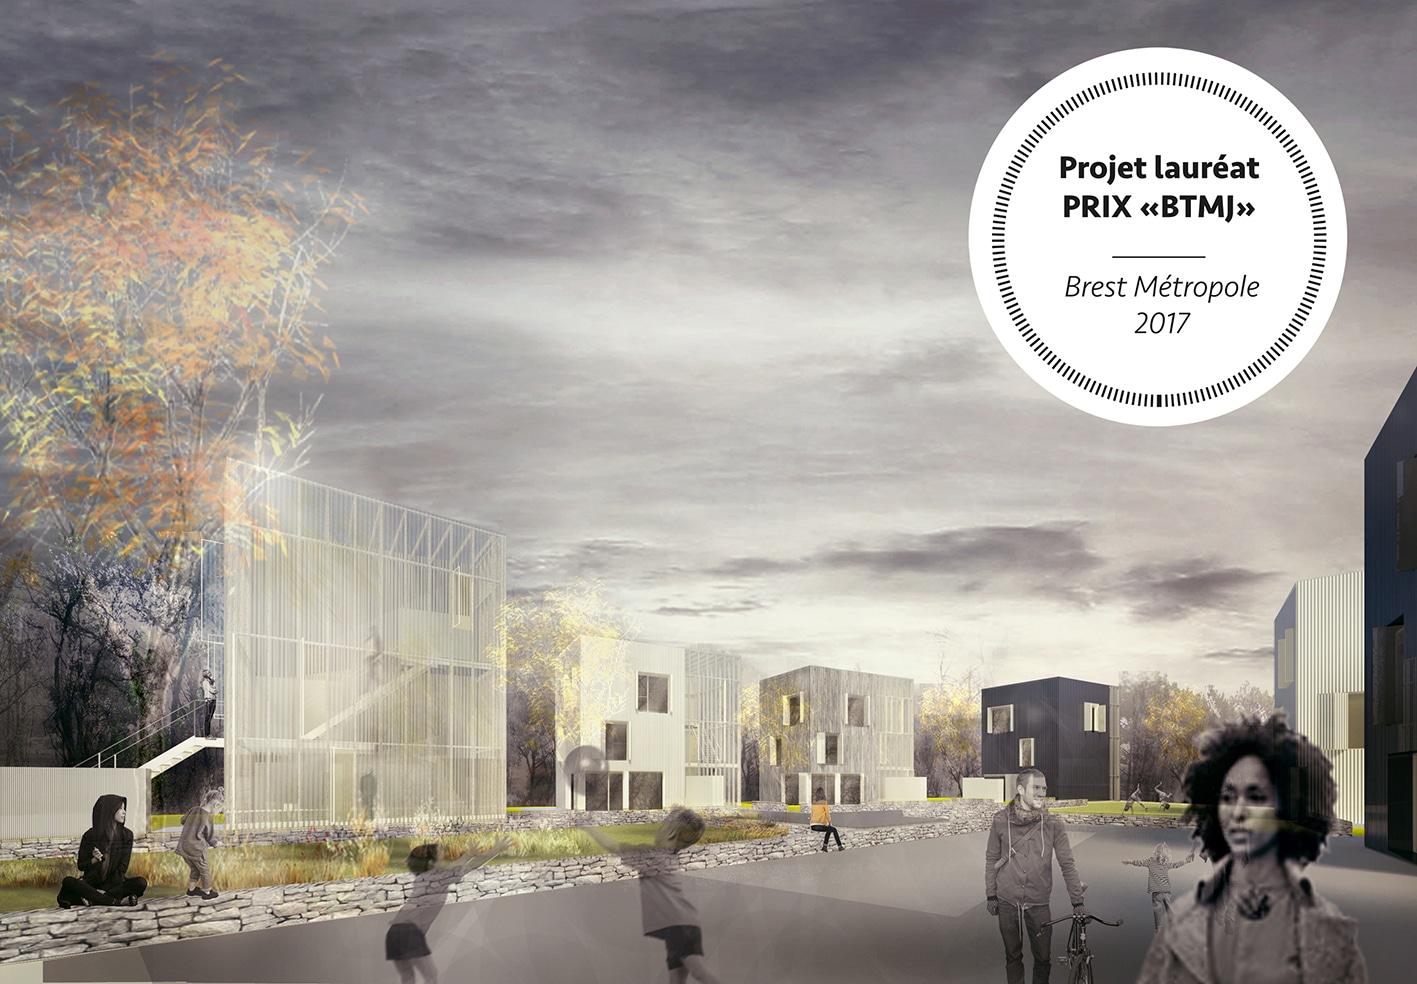 """BREST / Projet lauréat - Prix """"BTMJ"""" - Appel à idées """"Dessine-moi une maison en ville!"""""""